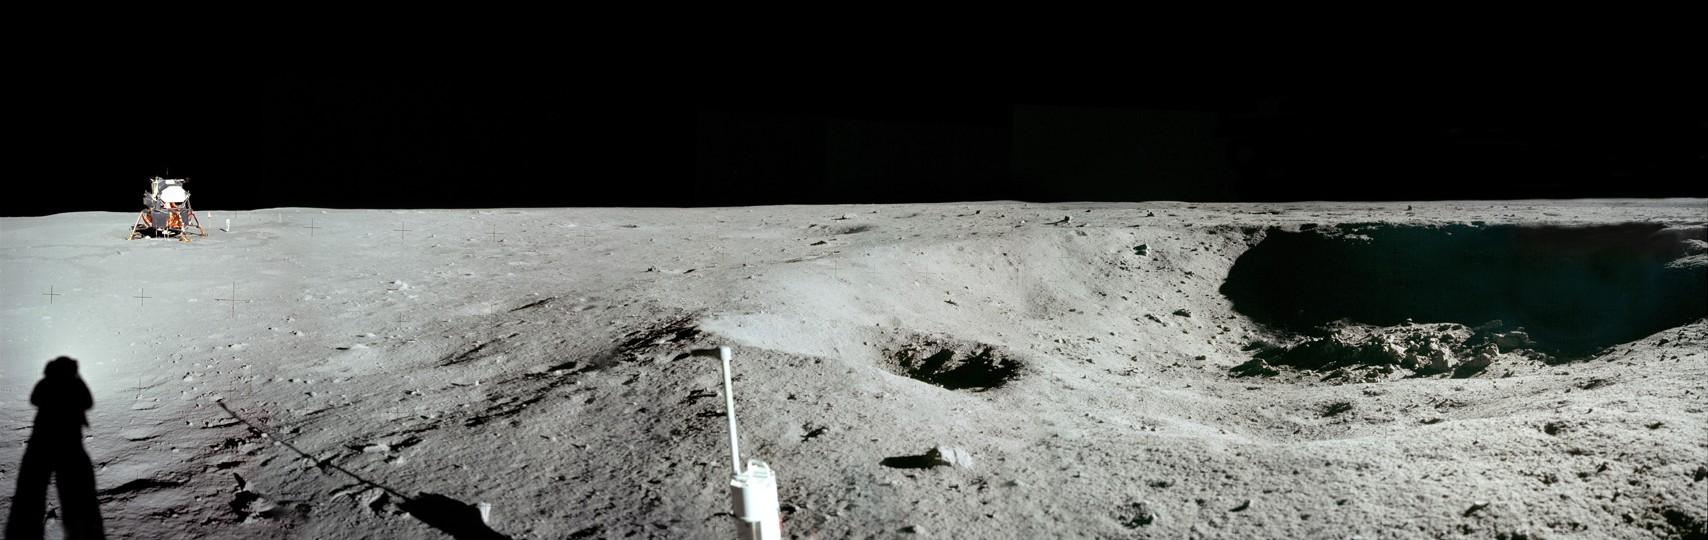 Apolo 11: Vista Panorámica del Cráter Este